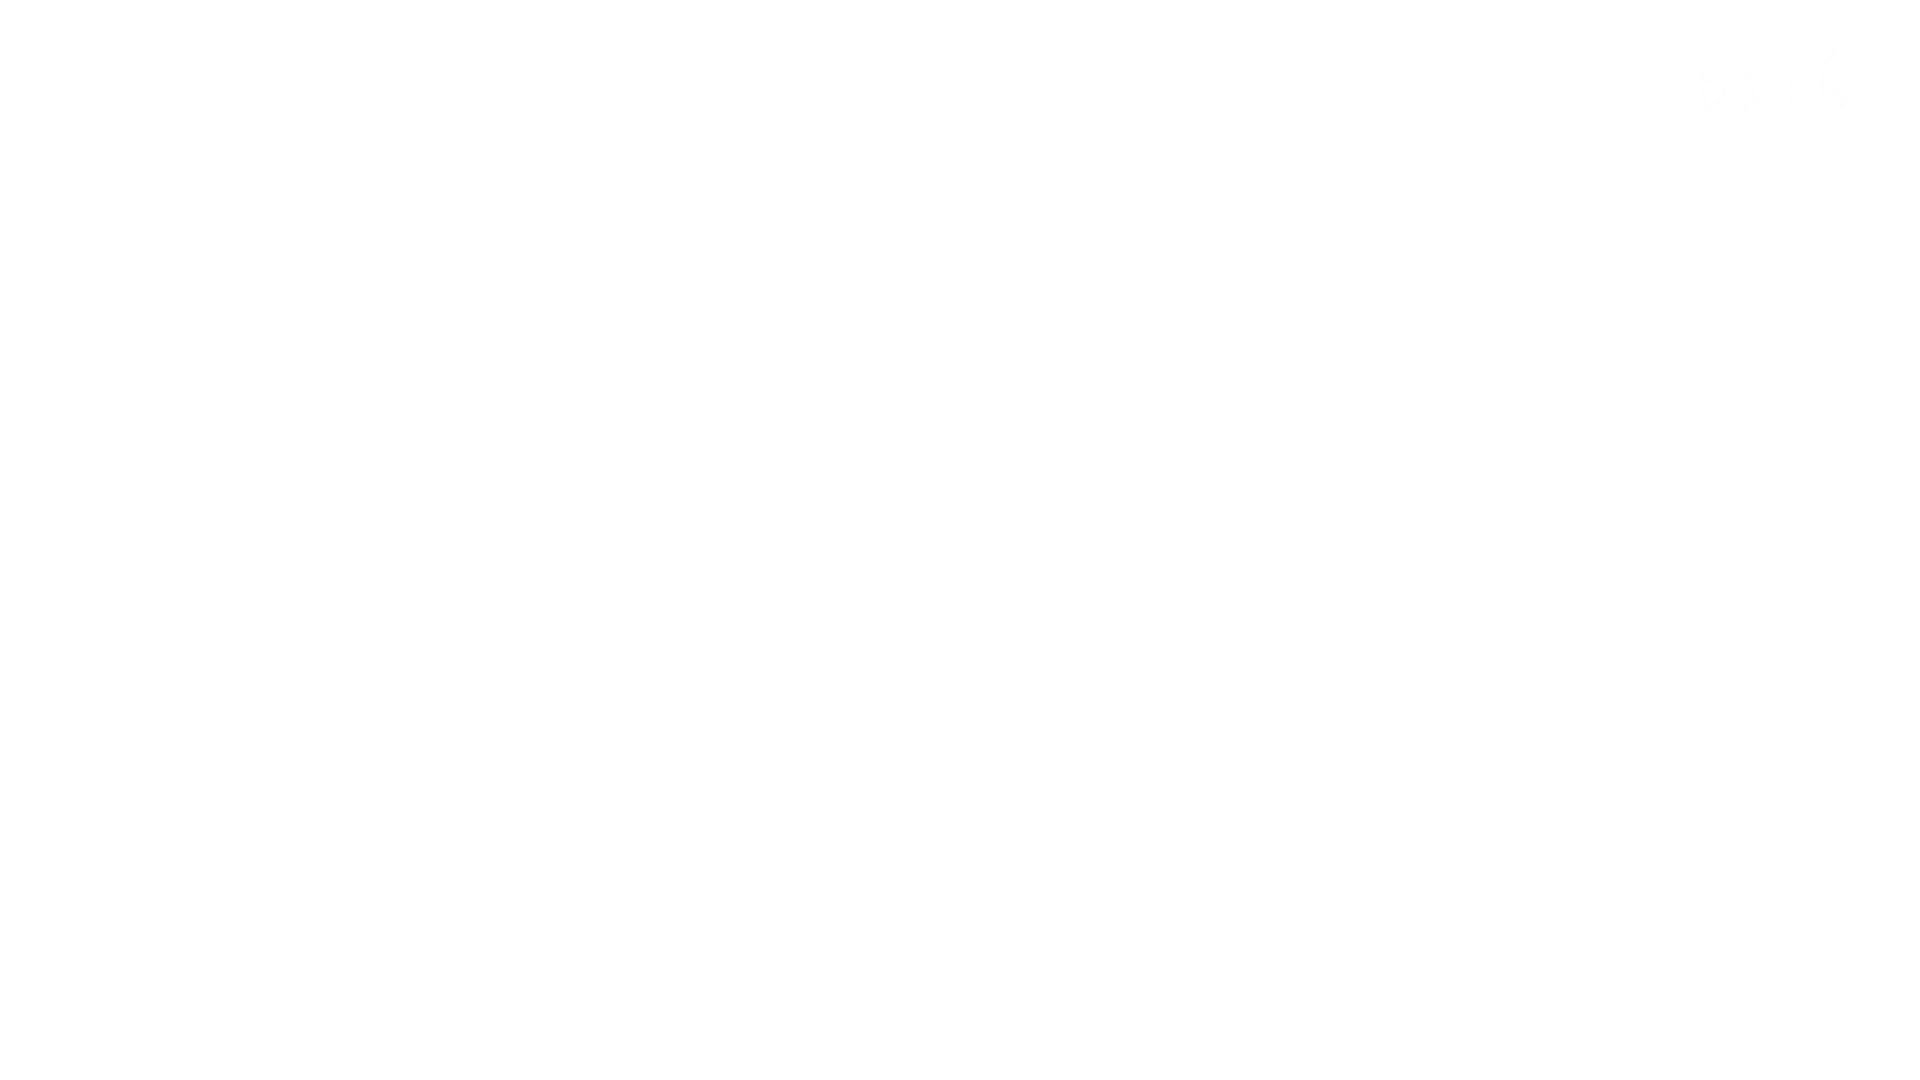 至高下半身盗撮-PREMIUM-【院内病棟編 】 vol.06 OLヌード天国 アダルト動画キャプチャ 63PIX 10